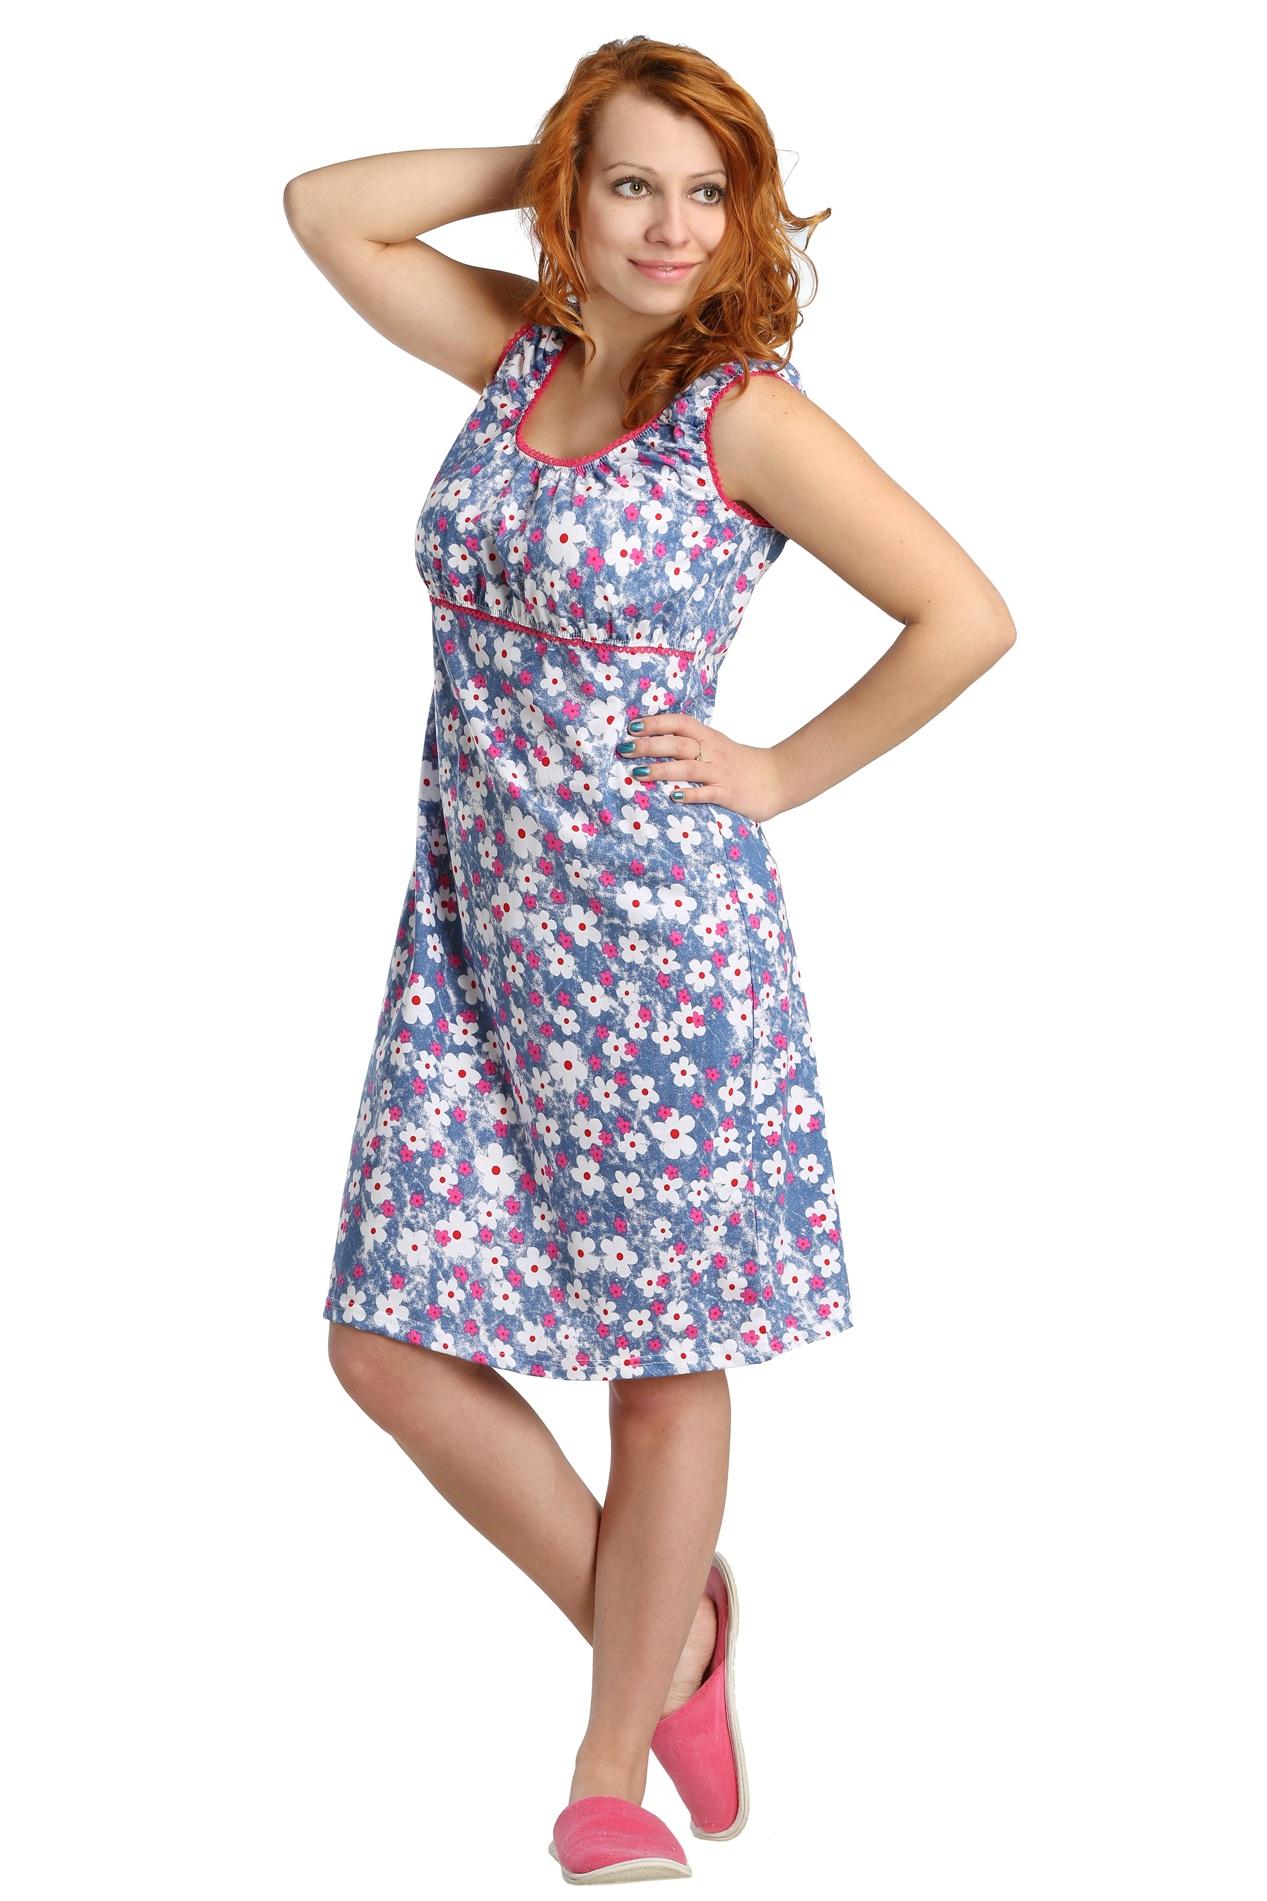 Жен. платье арт. 16-0099 Малиновый р. 52Платья<br>Обхват груди:104 см<br>Обхват талии:86 см<br>Обхват бедер:112 см<br>Длина по спинке:100 см<br>Рост:164-170 см<br><br>Тип: Жен. платье<br>Размер: 52<br>Материал: Кулирка